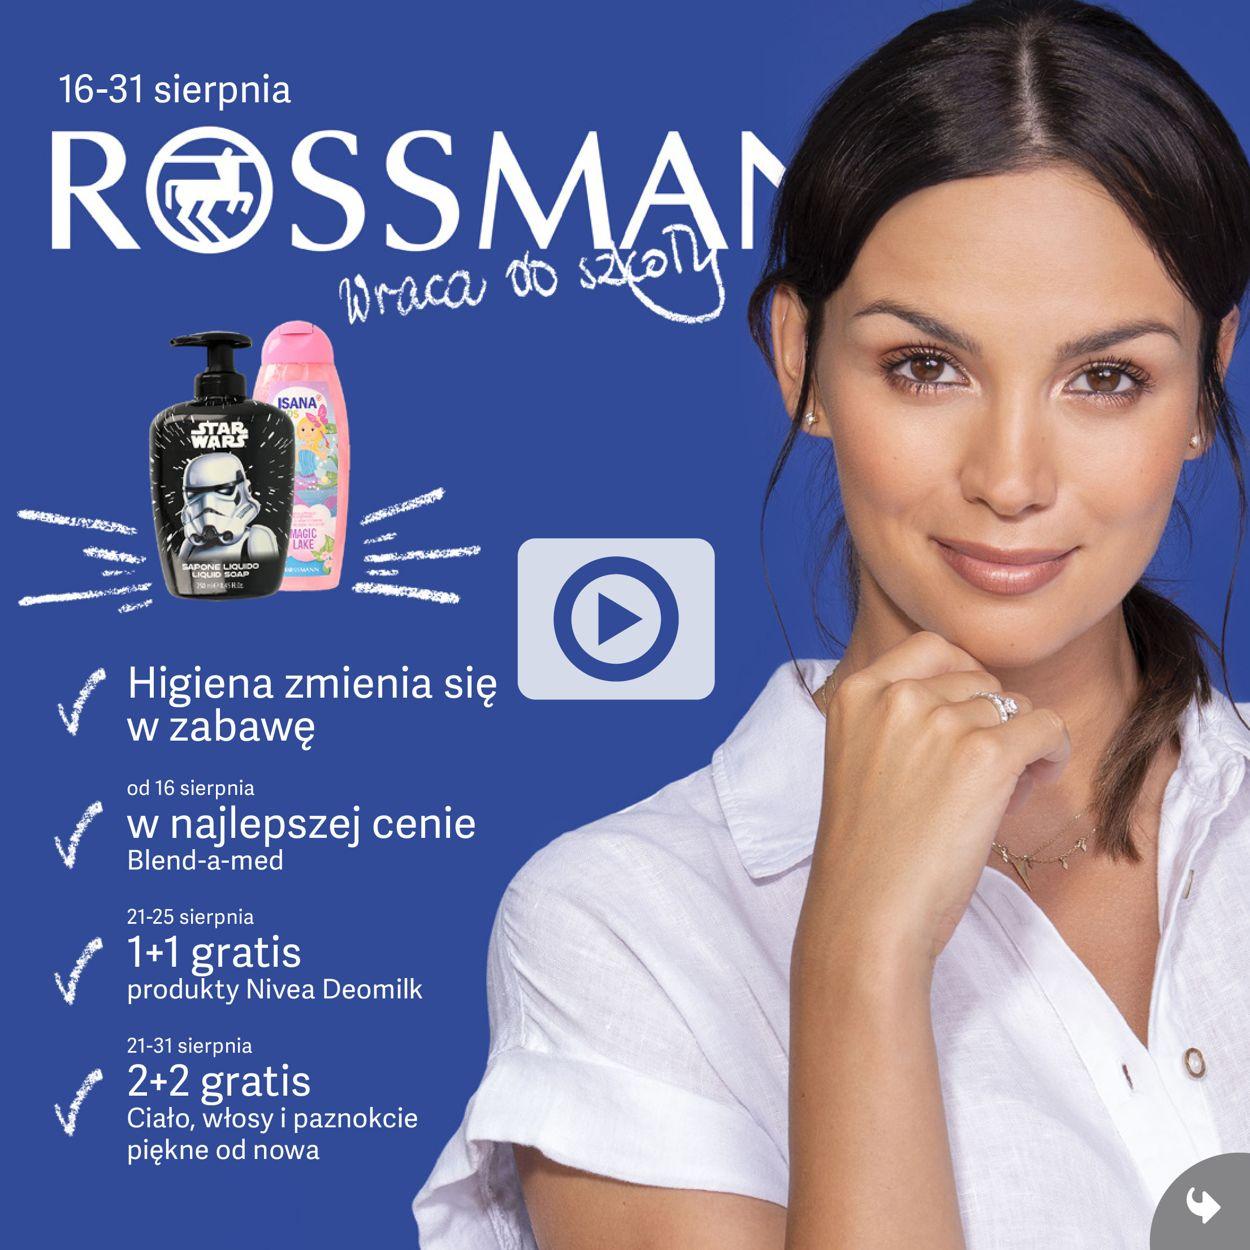 Gazetka promocyjna Rossmann - 16.08-31.08.2019